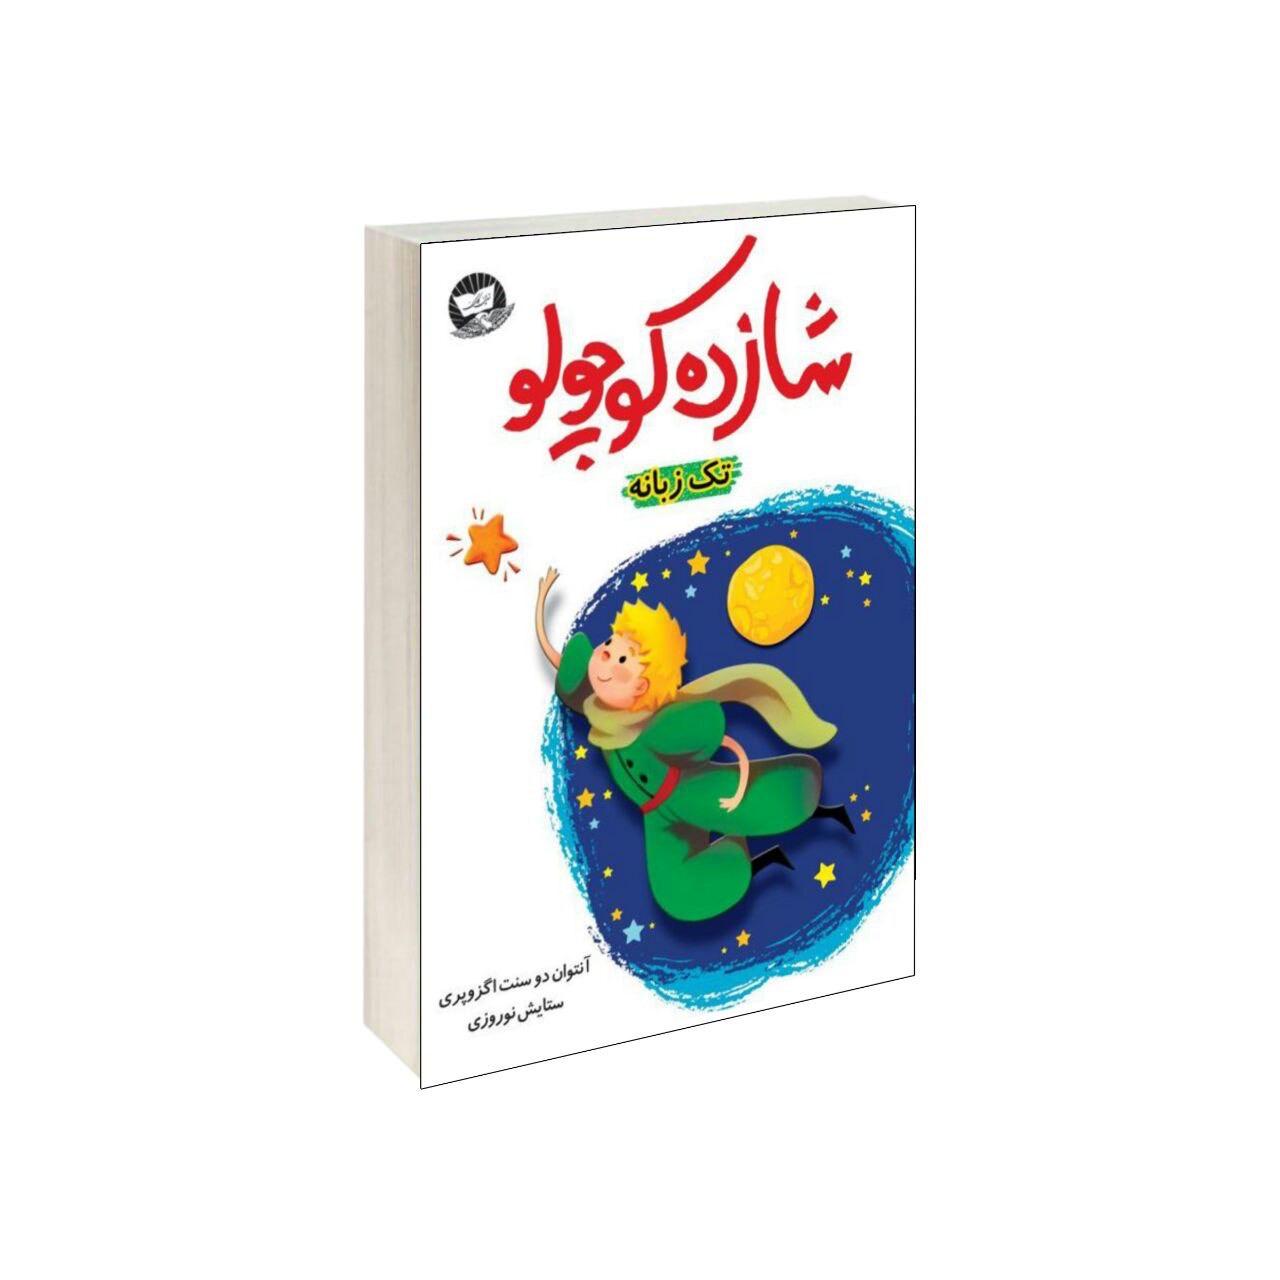 خرید                      کتاب شازده کوچولو اثر آنتوان دوسنت اگزوپری انتشارات کلک زرین